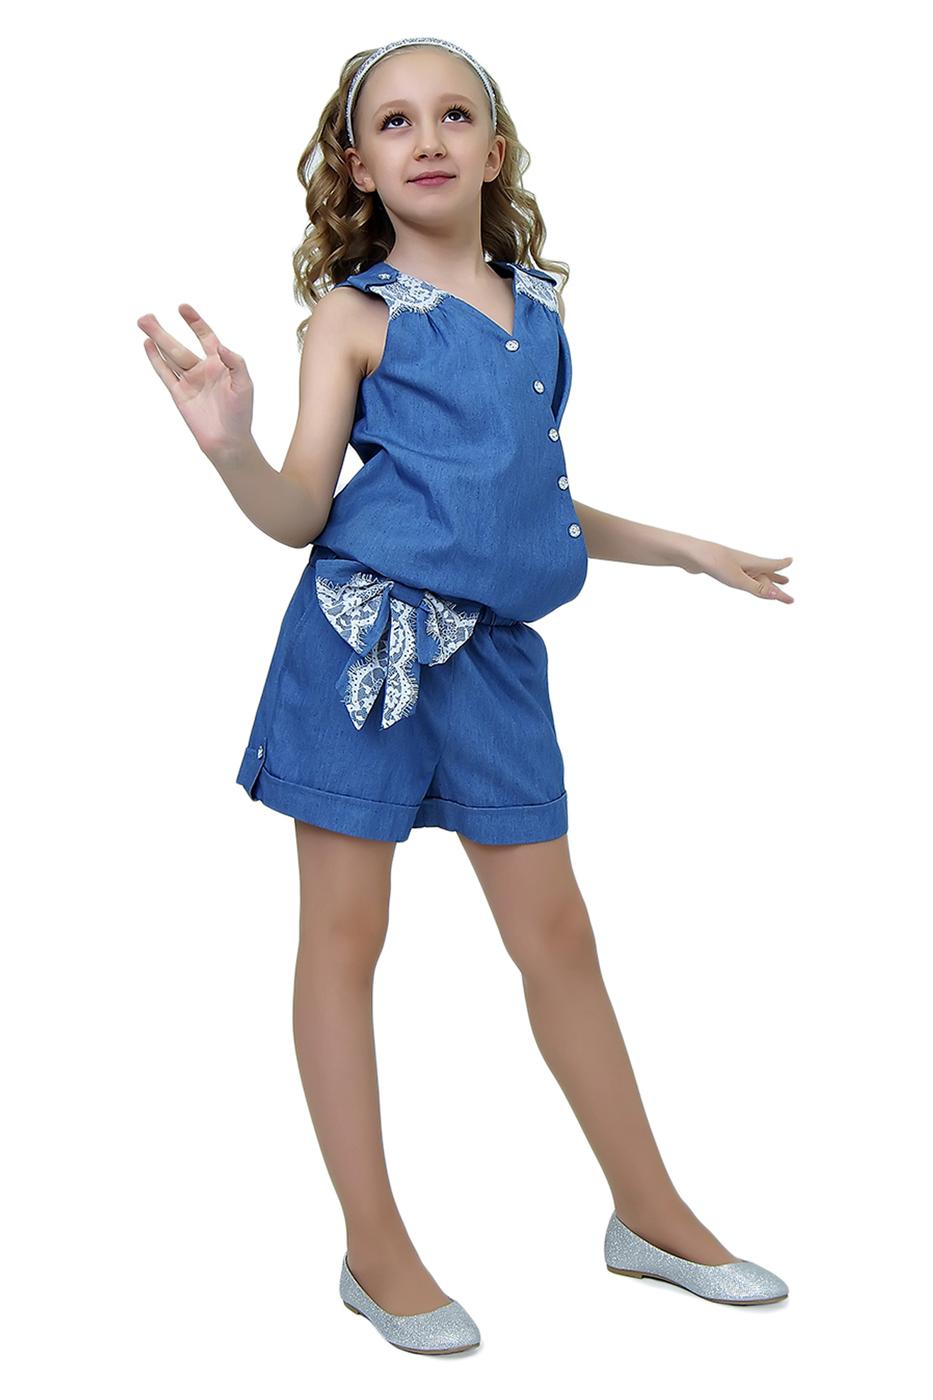 2К12-2, Комбинезон детский Ladetto, цв. голубой, р-р 134, Повседневные комбинезоны для девочек  - купить со скидкой